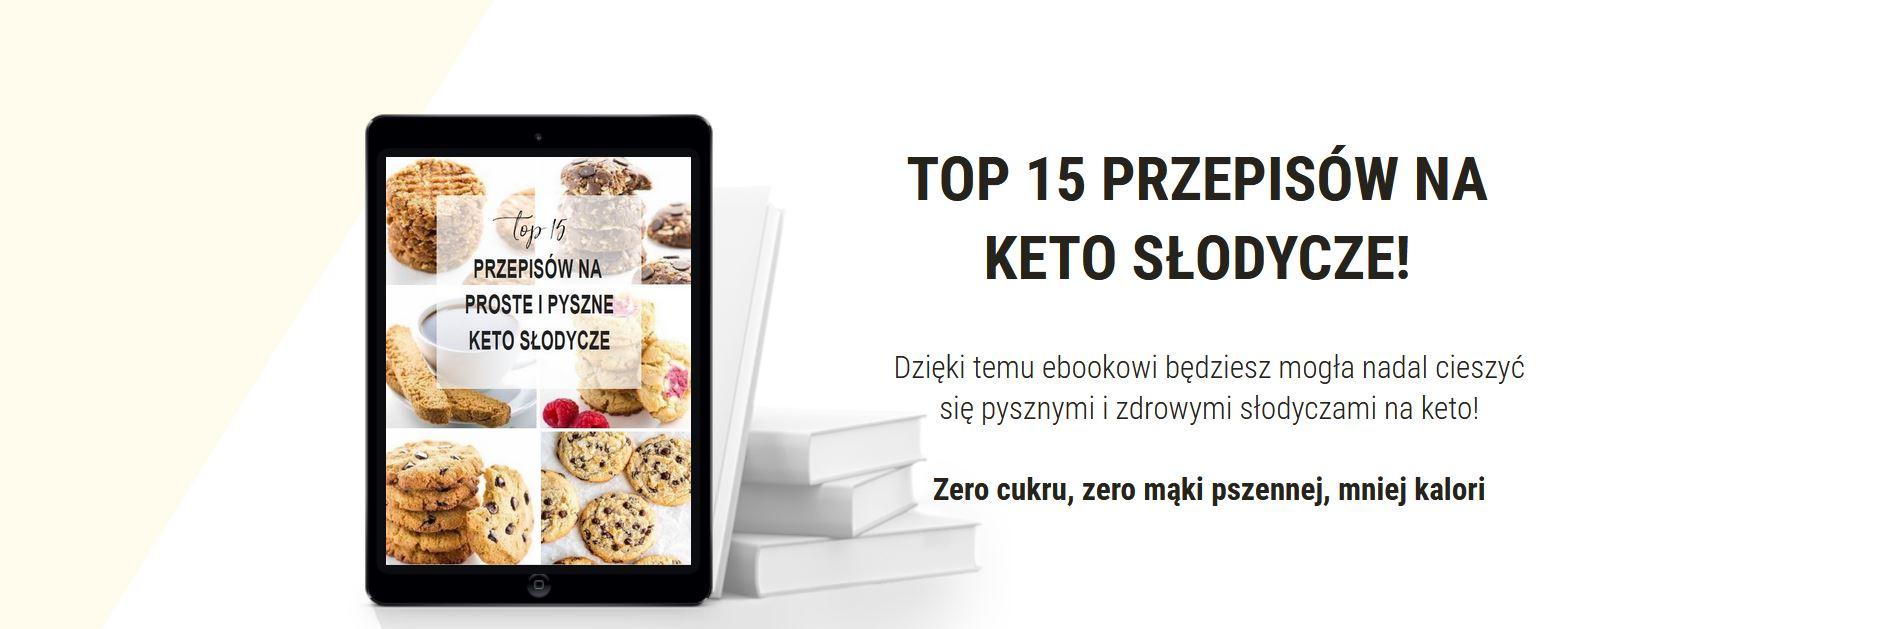 keto słodycze_tło3